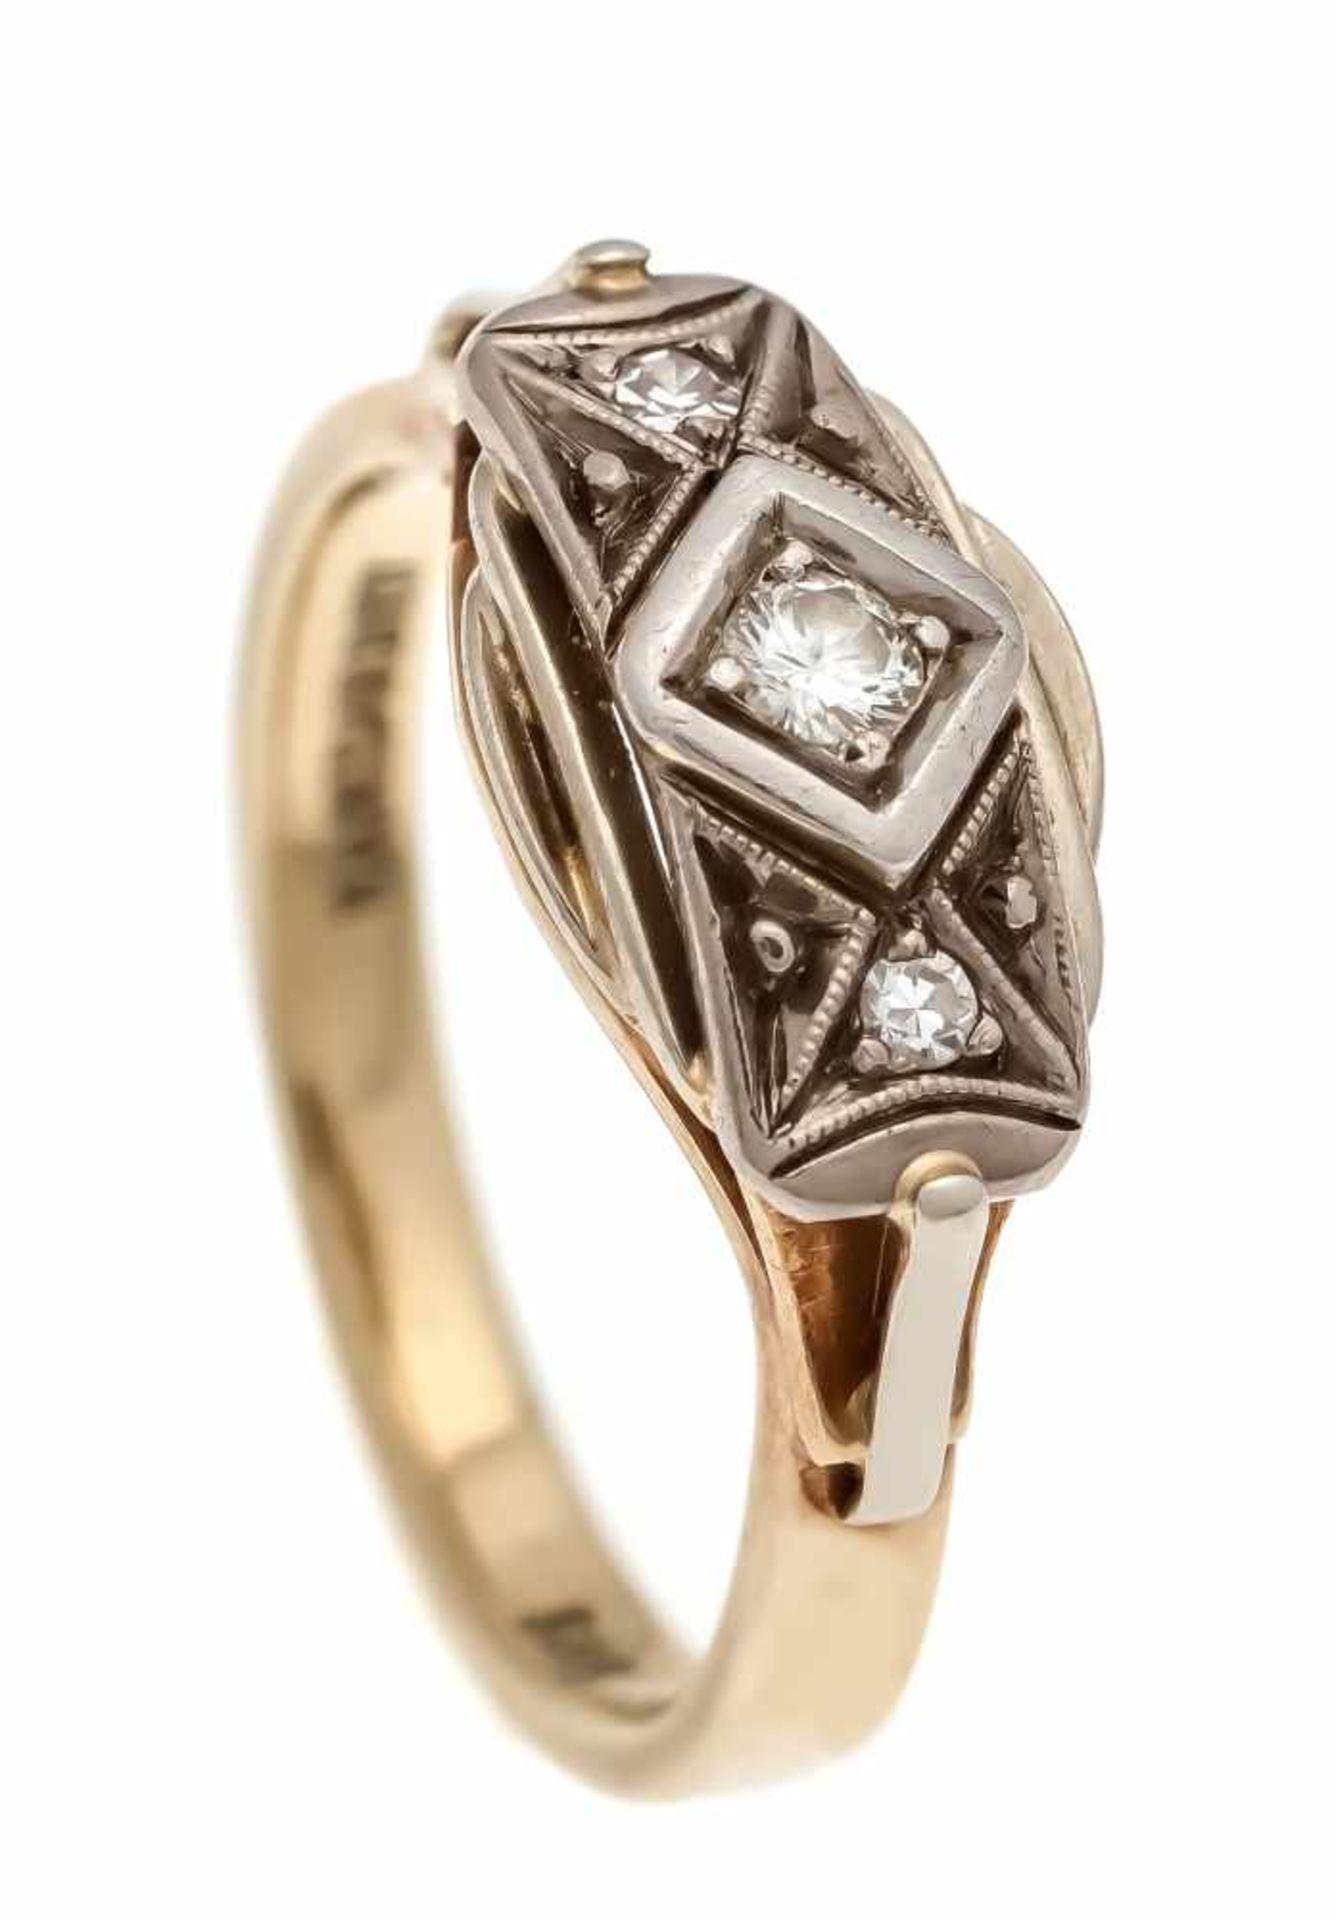 Brillant-Ring GG/WG 585/000 mit einem Brillanten 0,08 ct W/SI und 2 Diamanten, RG 57, 5,